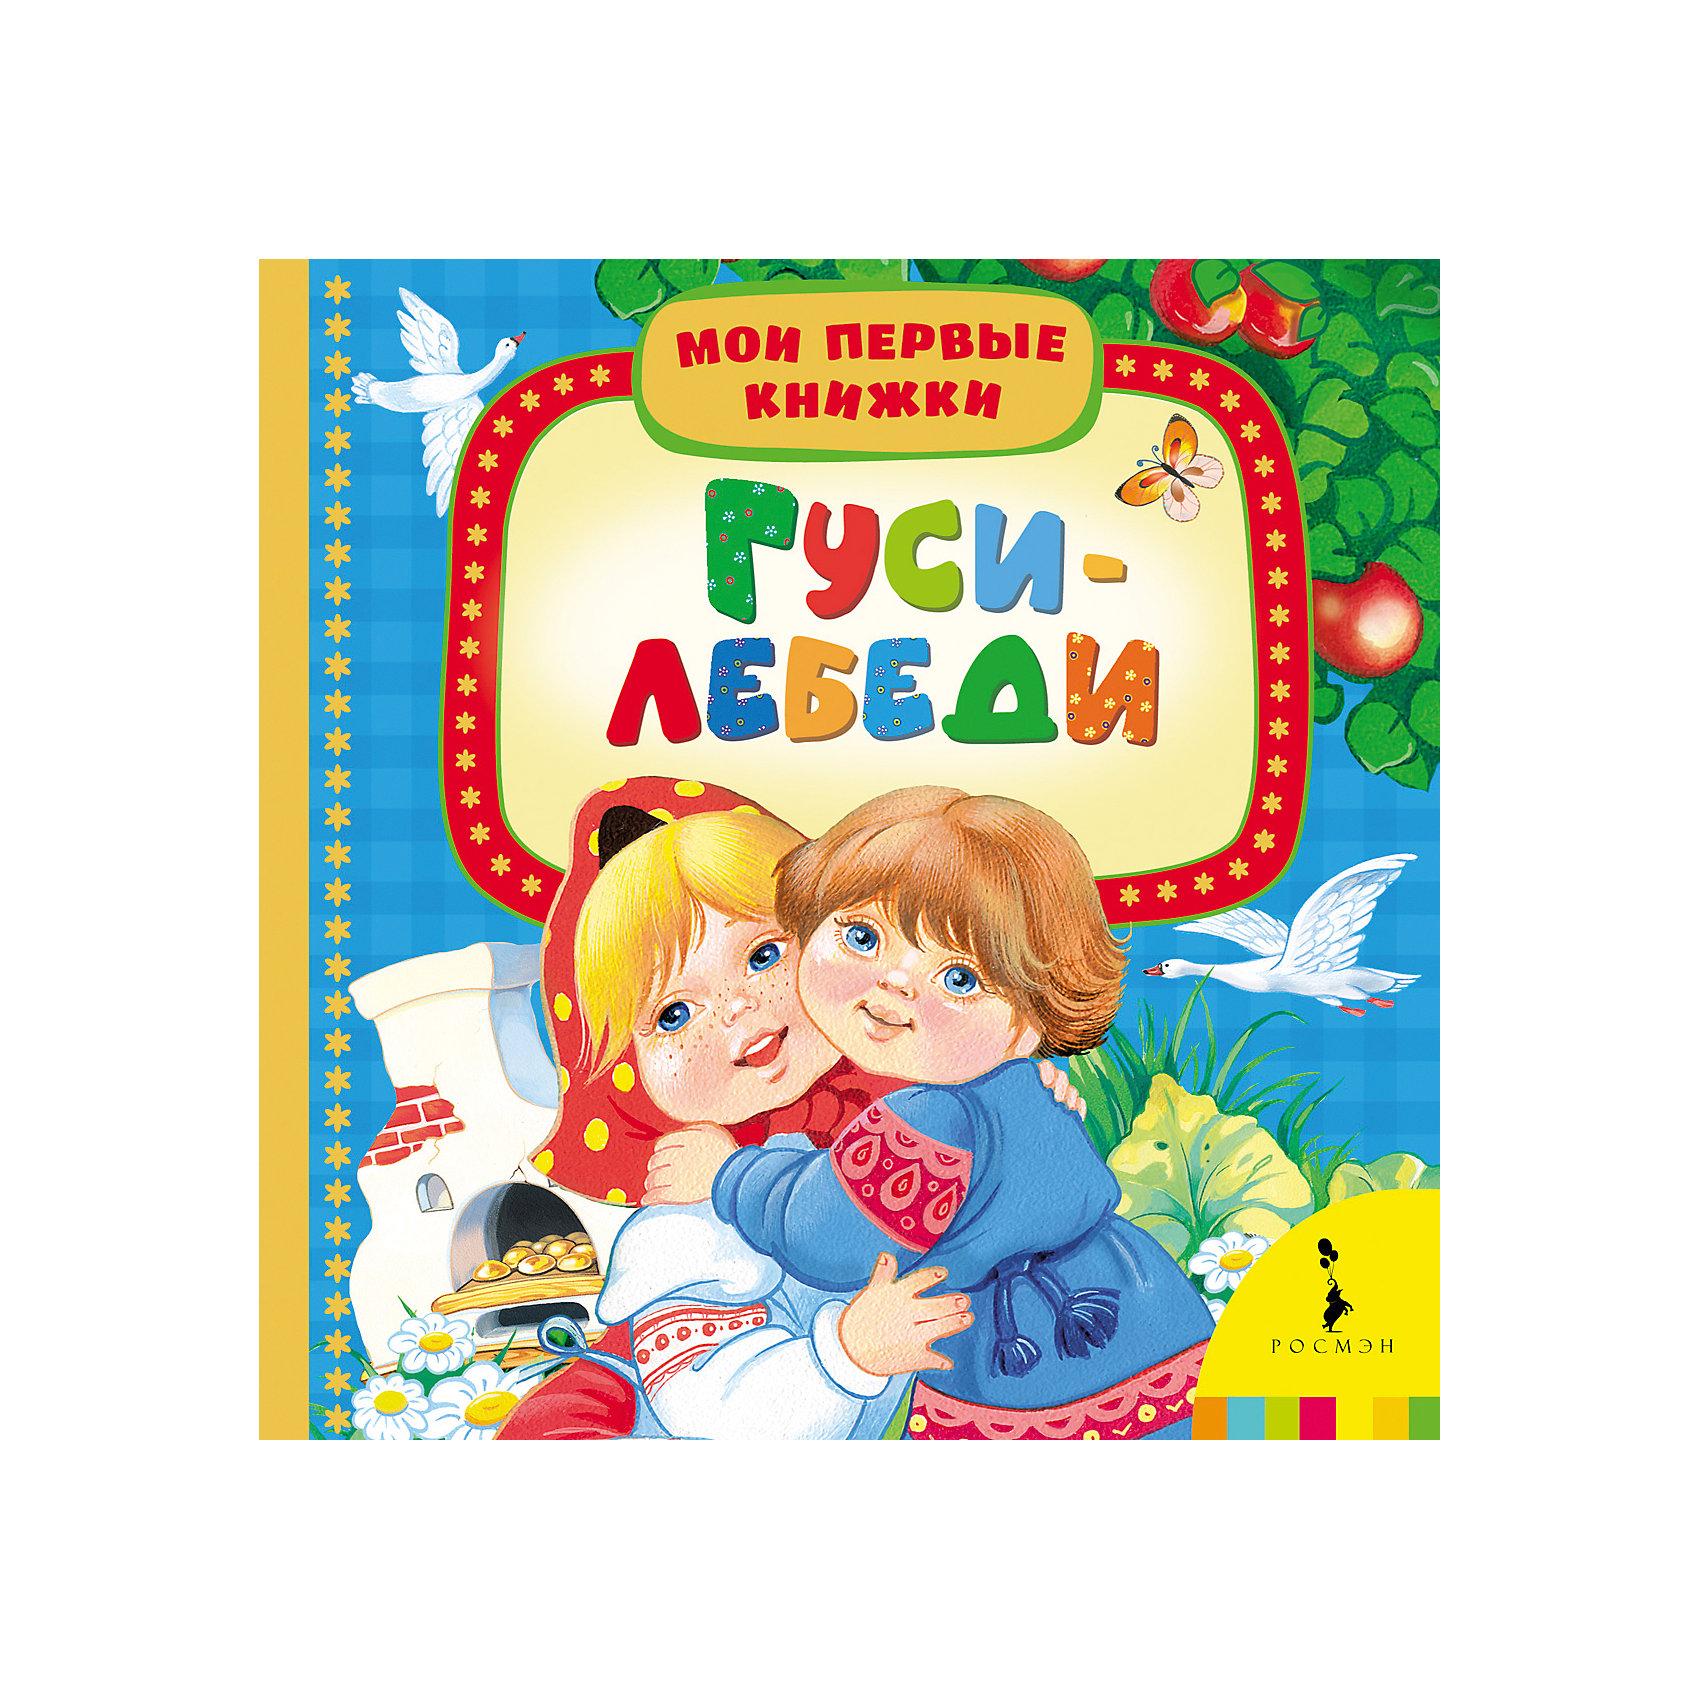 Гуси-лебеди, Мои первые книжкиПервые книги малыша<br>Характеристики товара:<br><br>- цвет: разноцветный;<br>- материал: картон;<br>- страниц: 14;<br>- формат: 17 х 17 см;<br>- обложка: картон;<br>- возраст: от 1 года. <br><br>Издания серии Мои первые книжки - отличный способ занять ребенка! Эта красочная книга станет отличным подарком для родителей и малыша. Она содержит в себе известные сказки, которые так любят дети. Отличный способ привить малышу любовь к чтению! Удобный формат и плотные странички позволят брать книгу с собой в поездки.<br>Чтение и рассматривание картинок даже в юном возрасте помогает ребенку развивать память, концентрацию внимания и воображение. Издание произведено из качественных материалов, которые безопасны даже для самых маленьких.<br><br>Издание Гуси-лебеди, Мои первые книжки от компании Росмэн можно купить в нашем интернет-магазине.<br><br>Ширина мм: 165<br>Глубина мм: 165<br>Высота мм: 15<br>Вес г: 358<br>Возраст от месяцев: 0<br>Возраст до месяцев: 36<br>Пол: Унисекс<br>Возраст: Детский<br>SKU: 5110280